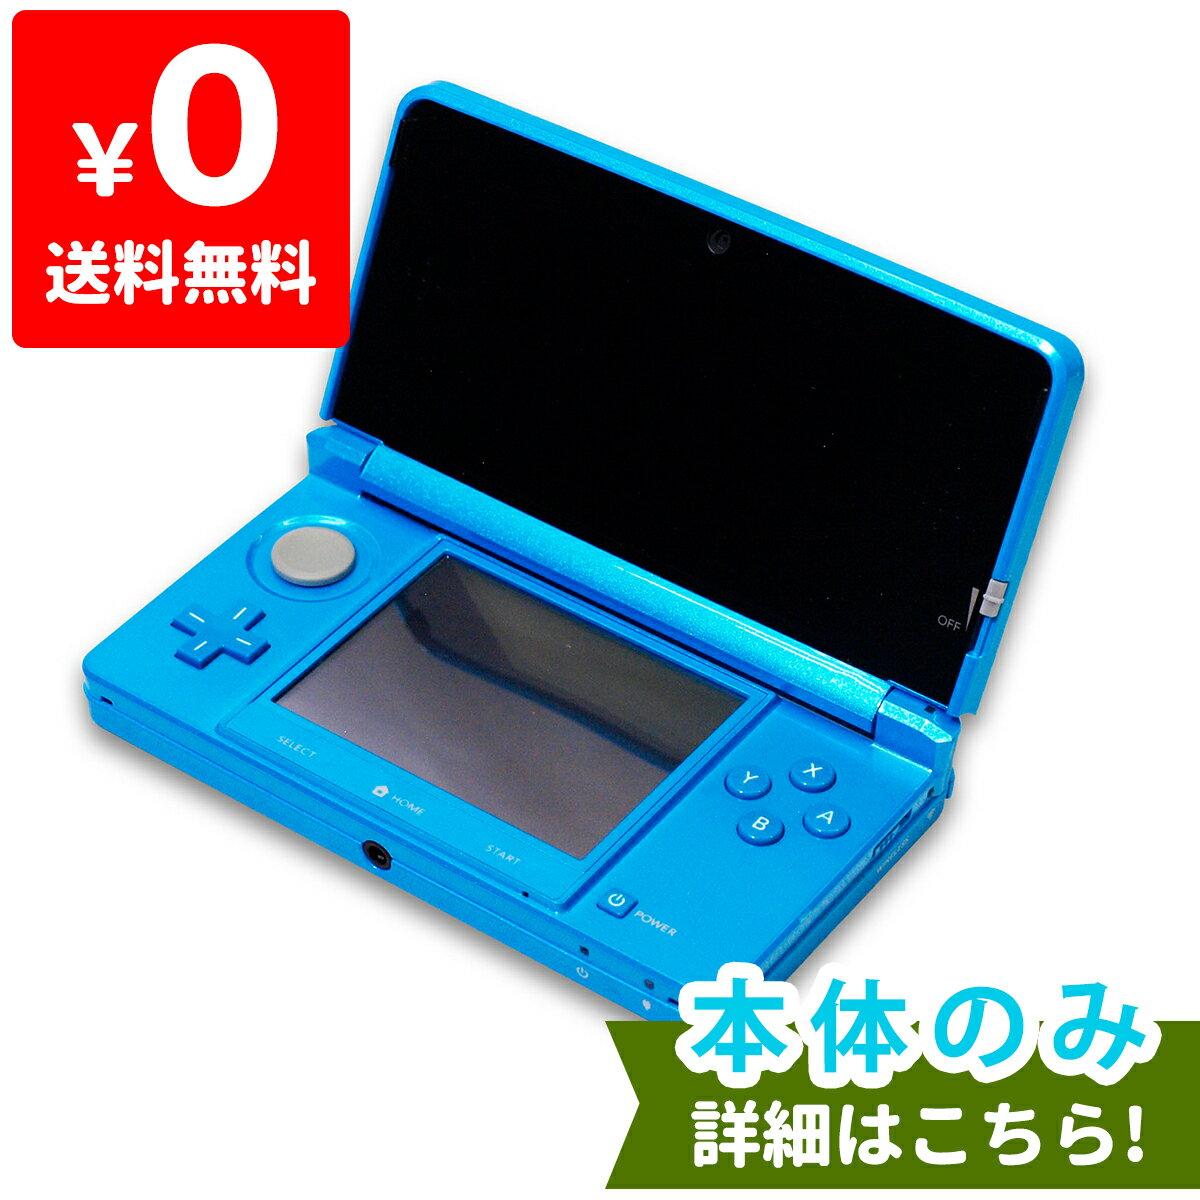 3DS ニンテンドー3DS ライトブルー(CTR-S-BDBA) 本体のみ タッチペン付き Nintendo 任天堂 ニンテンドー 中古 4902370520514 送料無料 【中古】